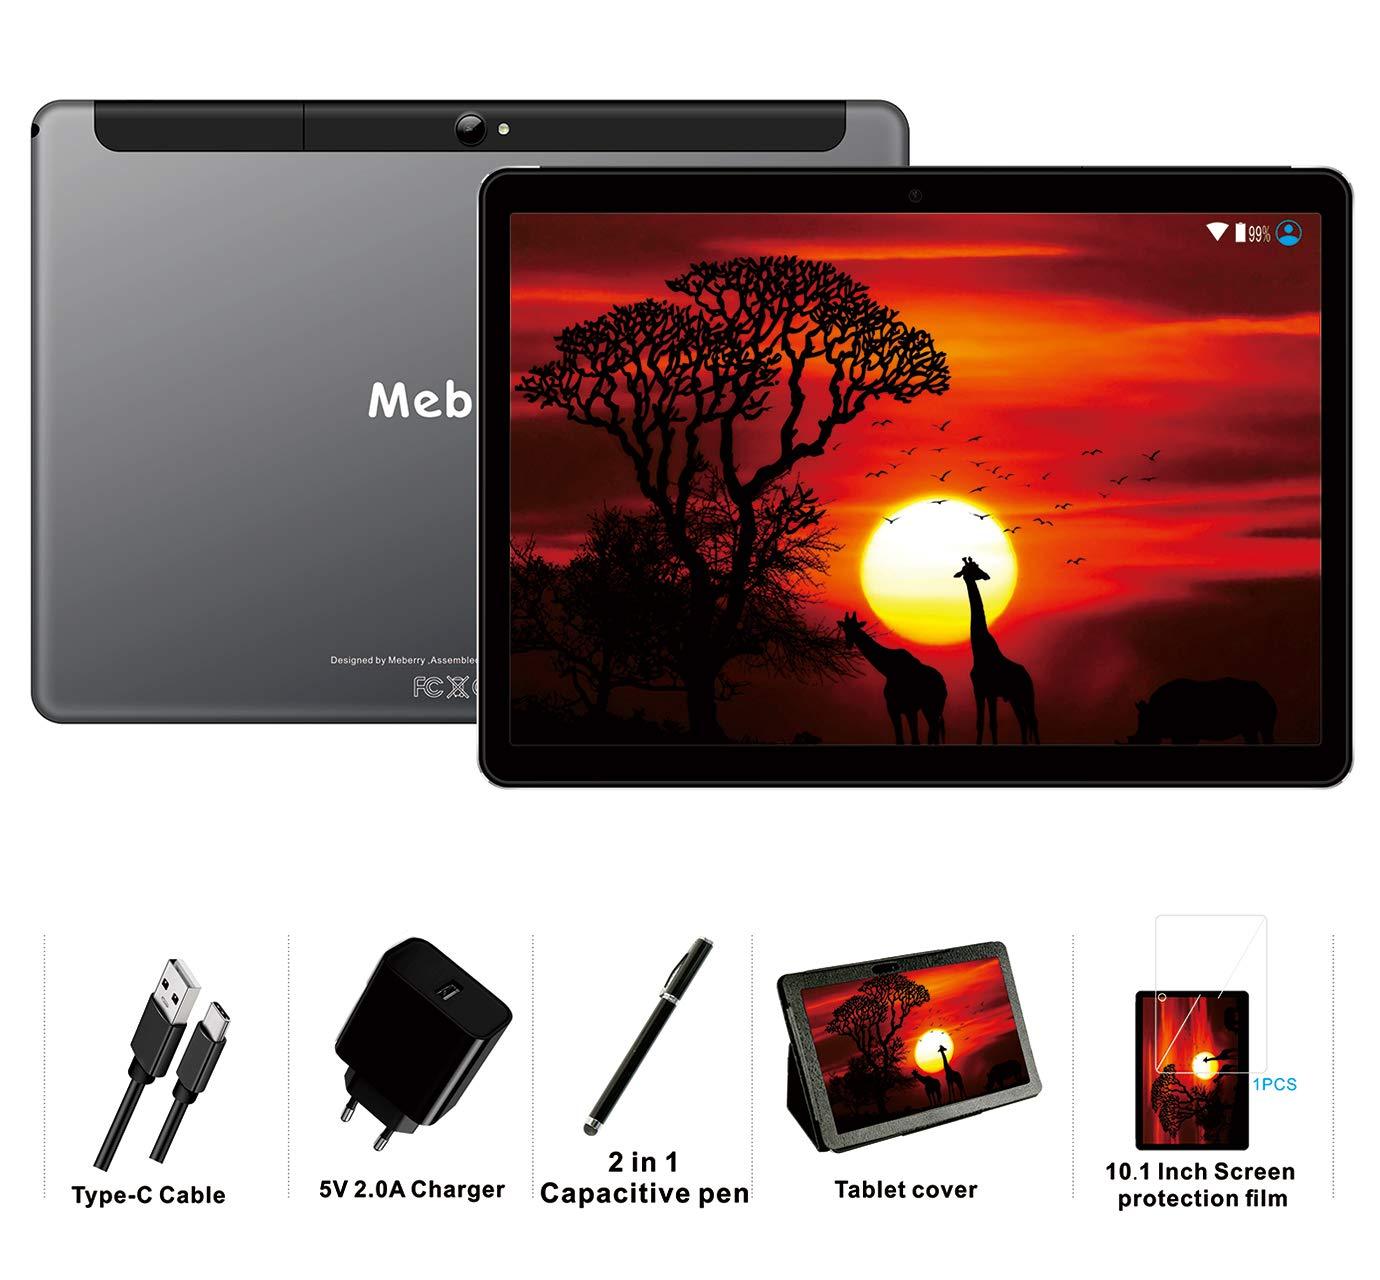 Type-c WiFi 5.0+8.0 MP Cam/éra 64Go Bluetooth GPS Gris 4Go de RAM Tablette 4G LTE Dual SIM Tablette Tactile 10 Pouces Android 9.0 Pie MEBERRY